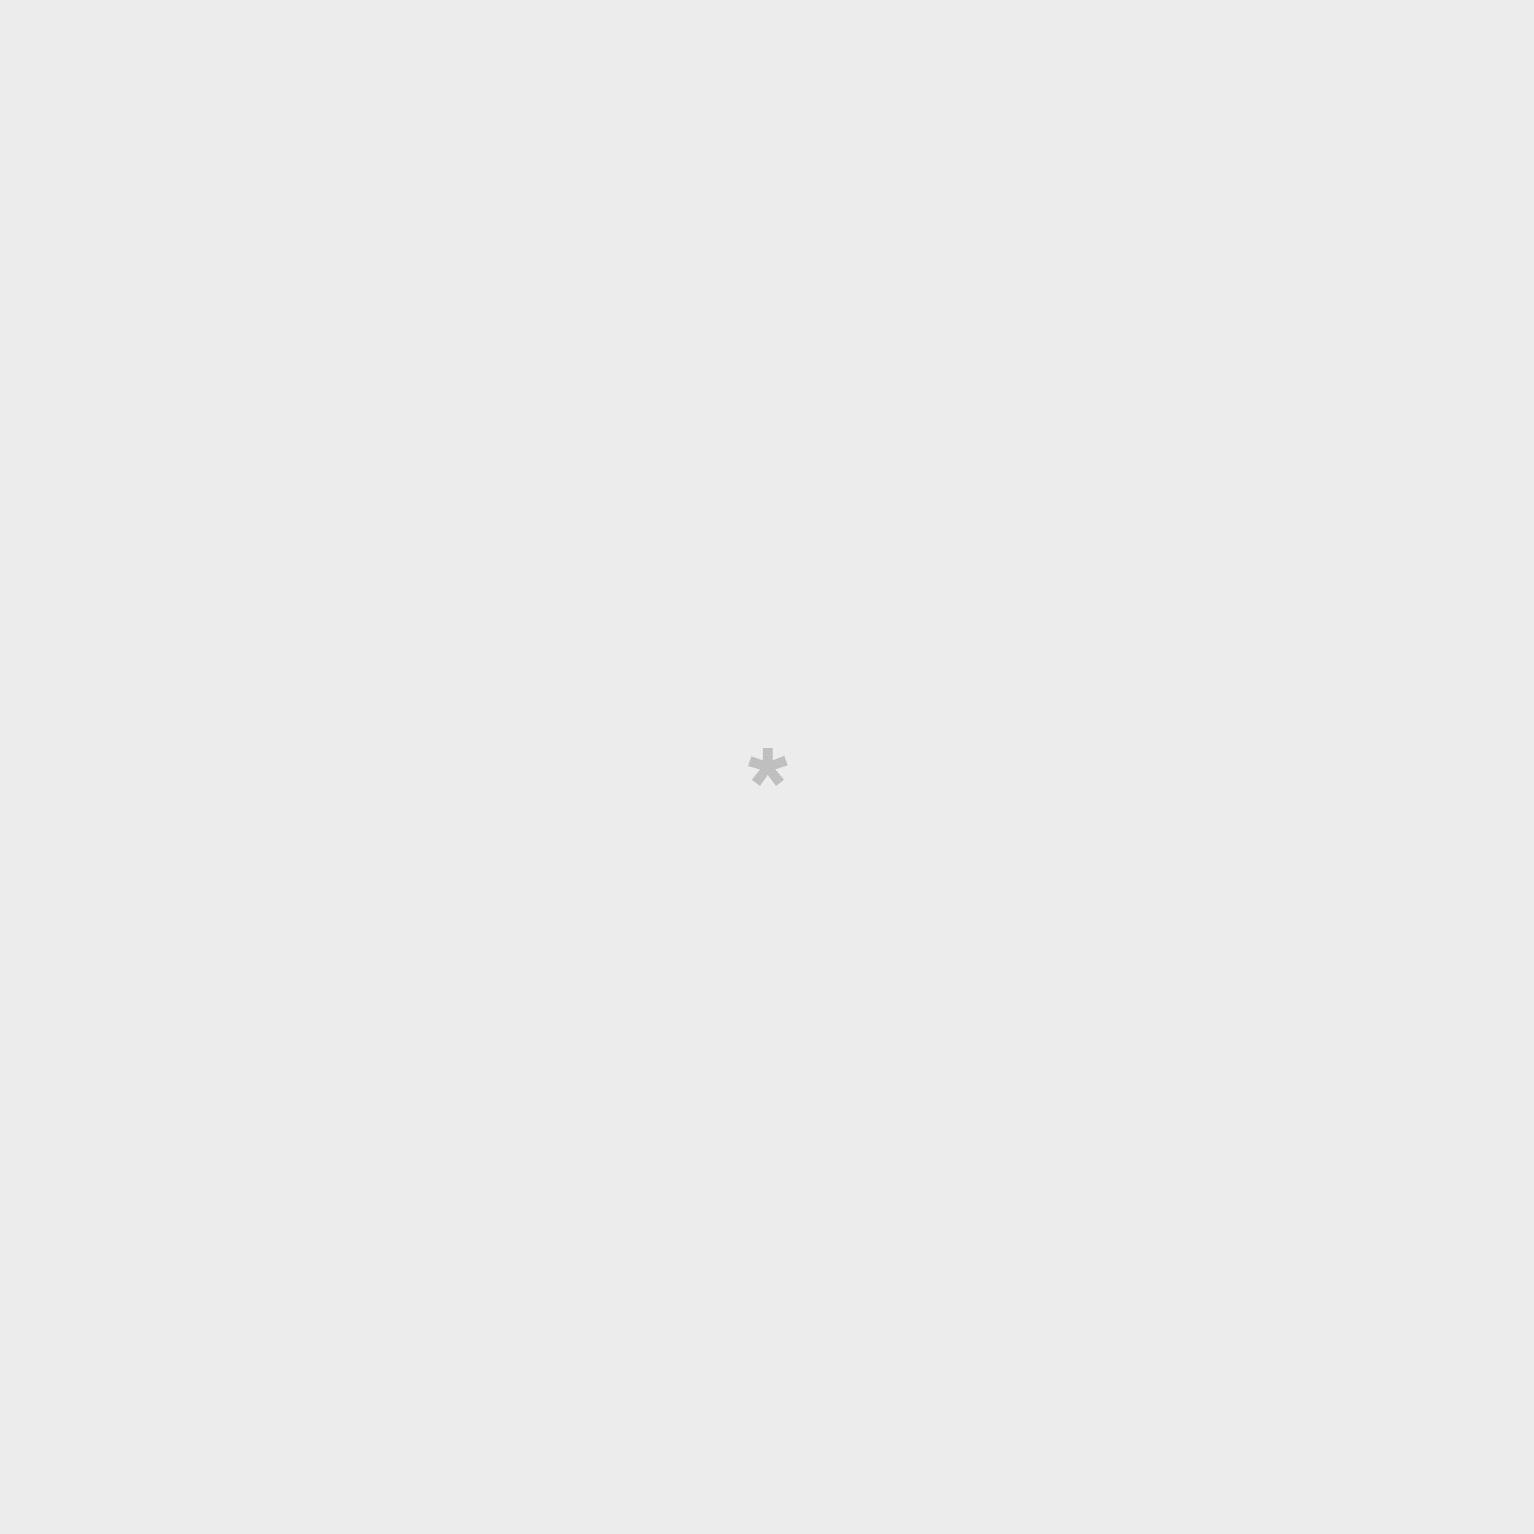 Surtido de adornos para árbol de Navidad - Dorado  y blanco